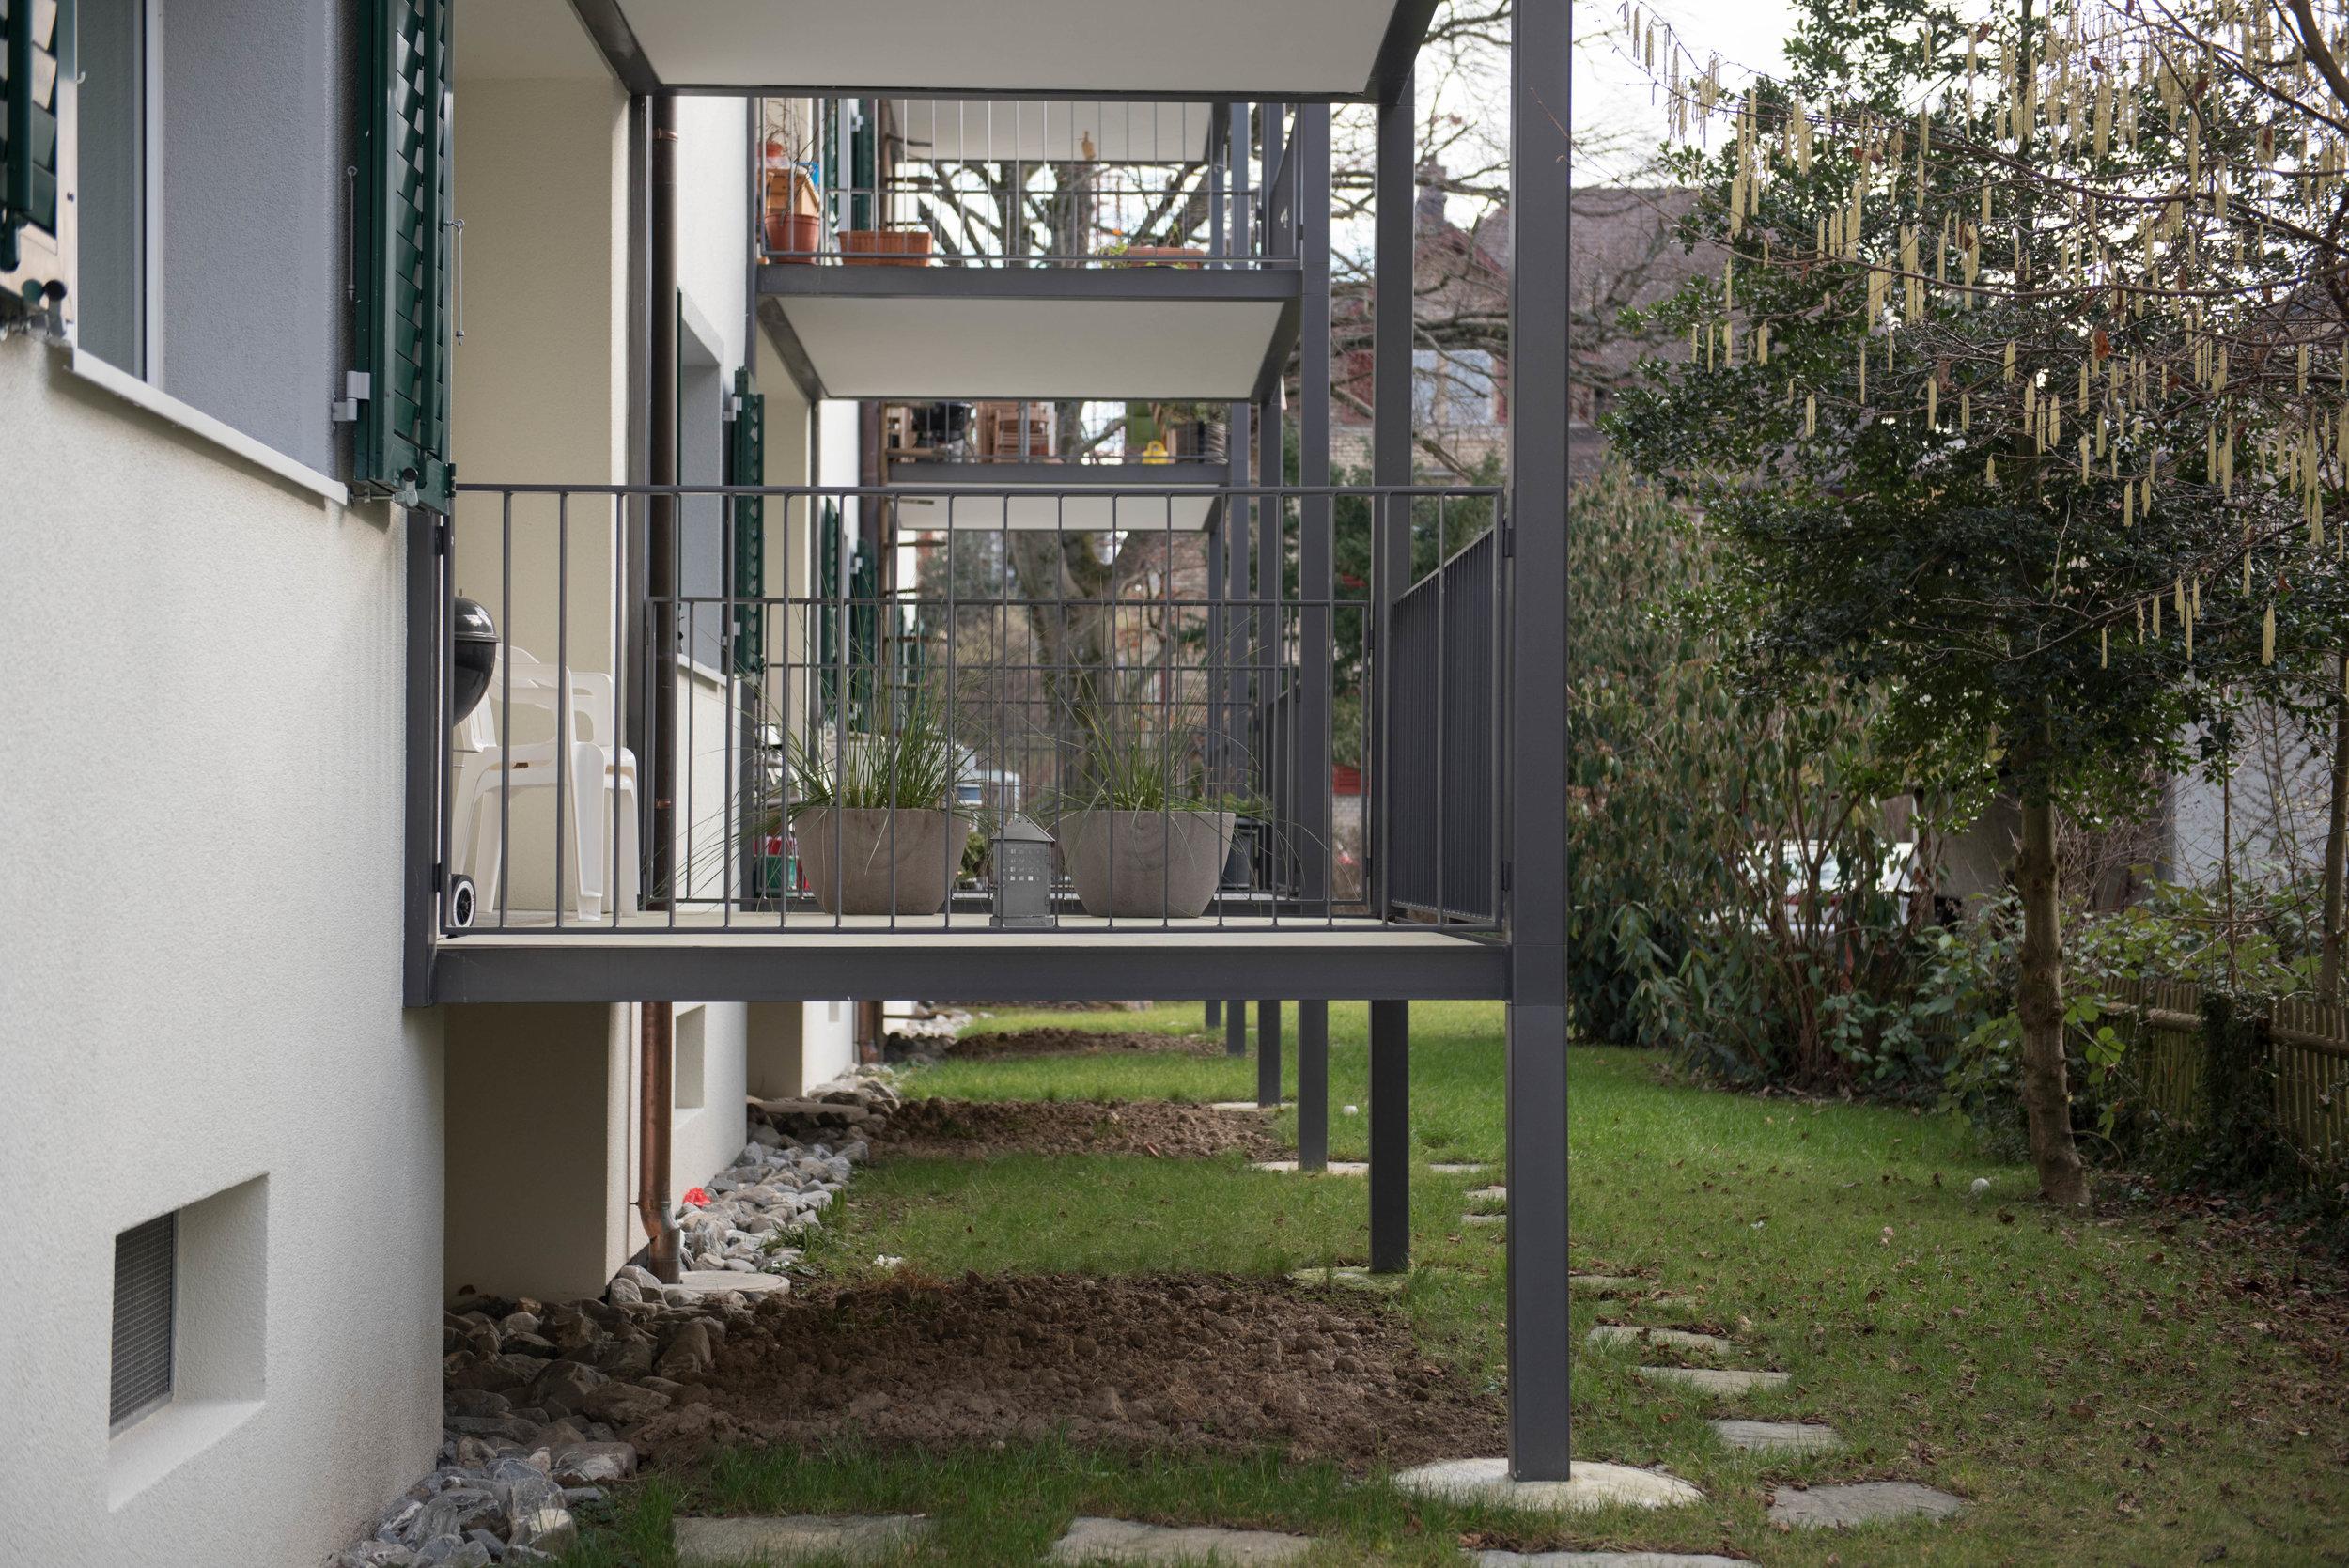 Balkonanbau bei einem Mehrfamilienhaus